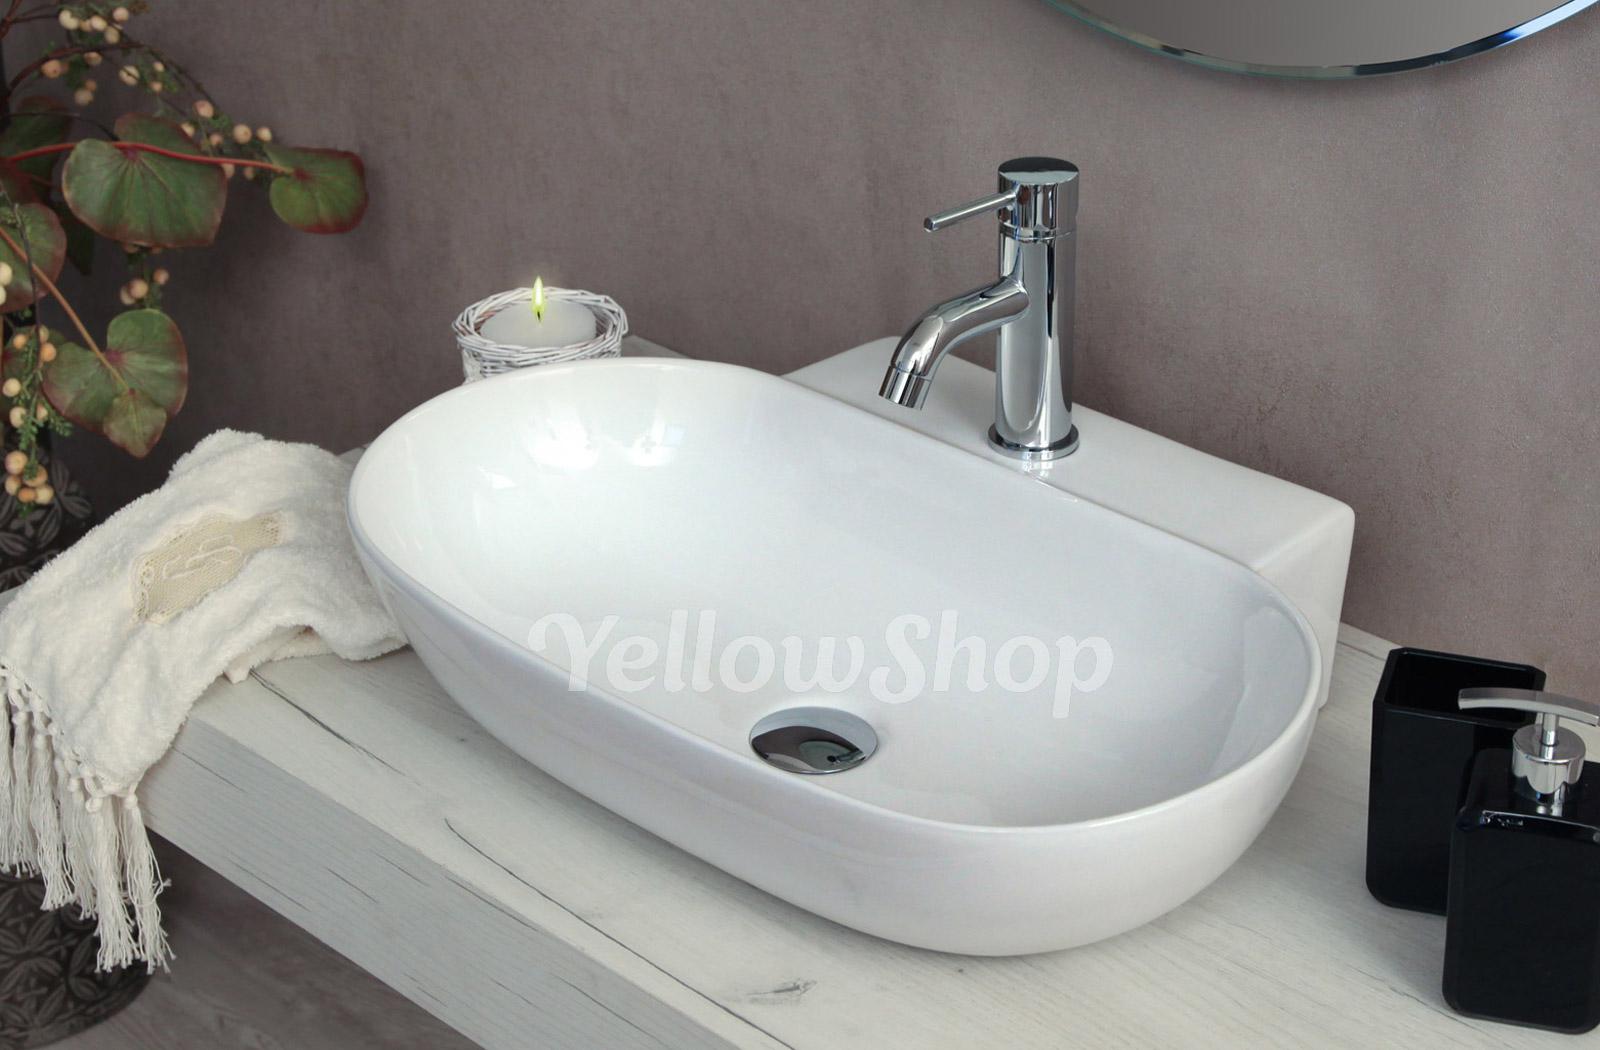 Lavello Cucina In Porcellana dettagli su lavabo cm 57x40 appoggio sospeso ceramica lavandino lavello  sanitari bagno swing